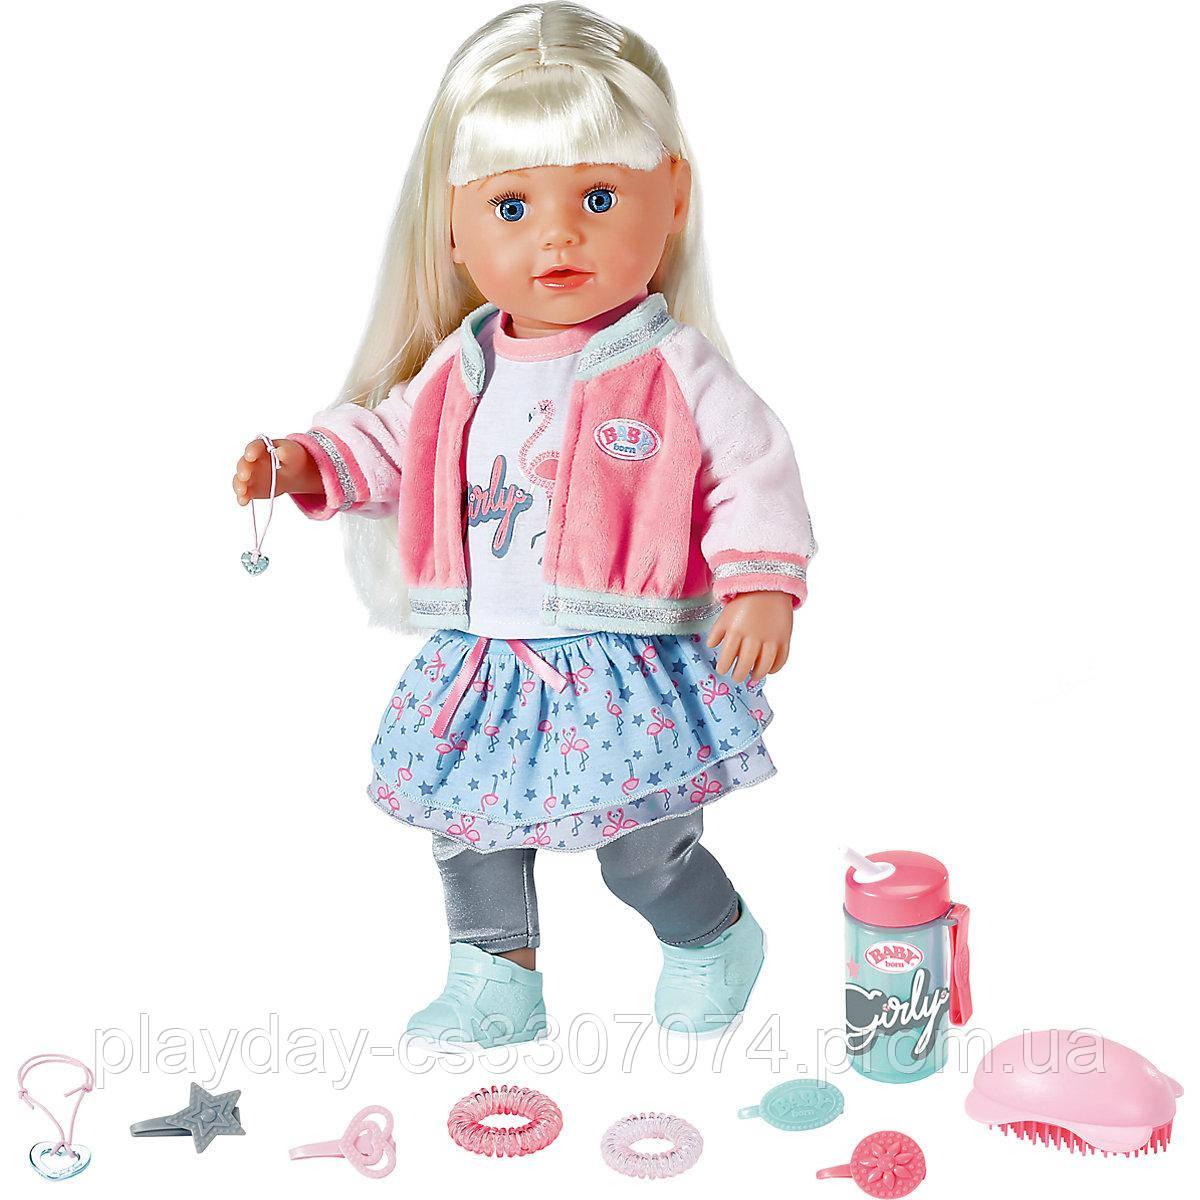 Кукла Baby Born Soft Touch Sister Cестричка Baby Born блондинка 43 см Exclusive Zapf Creation